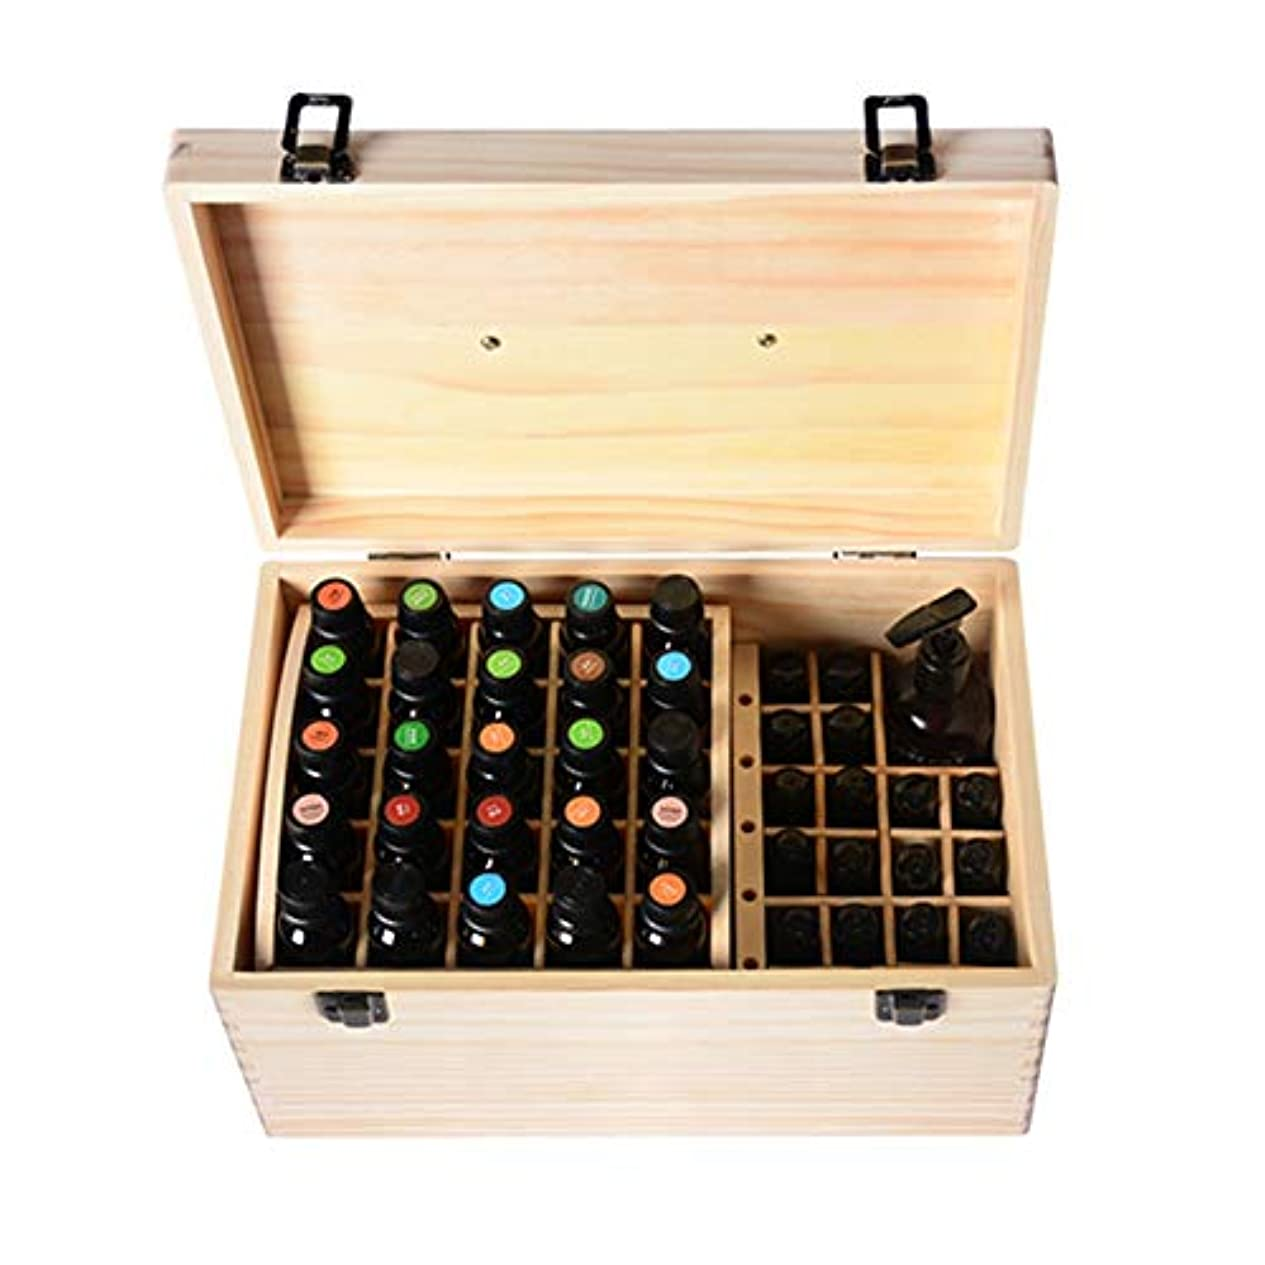 注ぎますスライムフィドルエッセンシャルオイルの保管 74スロット木エッセンシャルオイルボックス収納ケース内部のリムーバブルは15/10 M1のボトルナチュラルパインを開催します (色 : Natural, サイズ : 35X20X16.5CM)